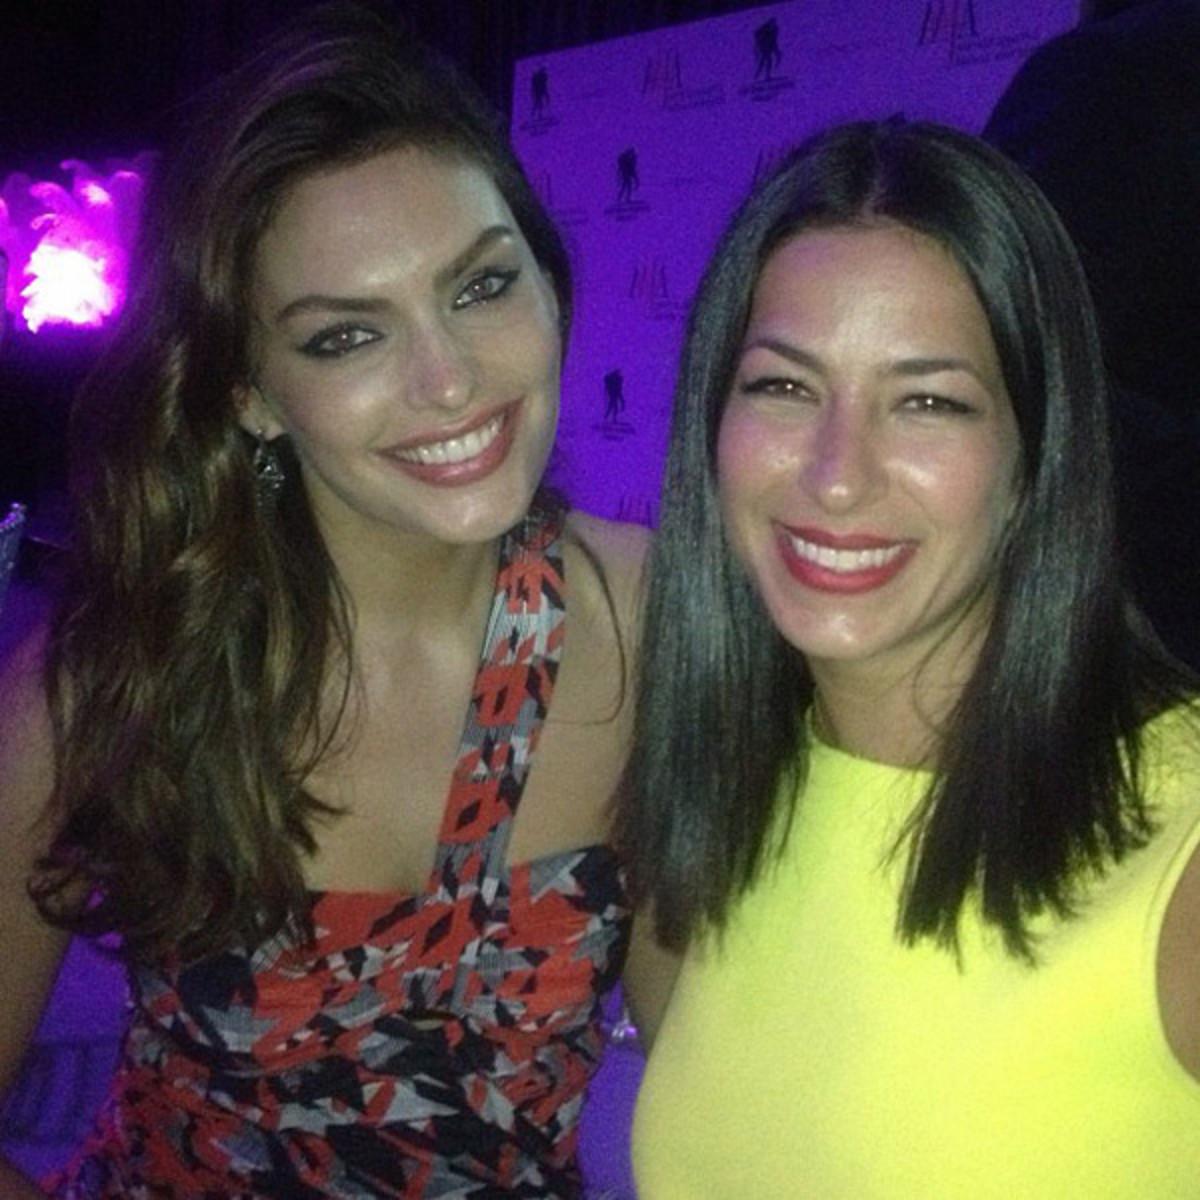 Alyssa Miller and Rebecca Minkoff :: @luvalyssamiller